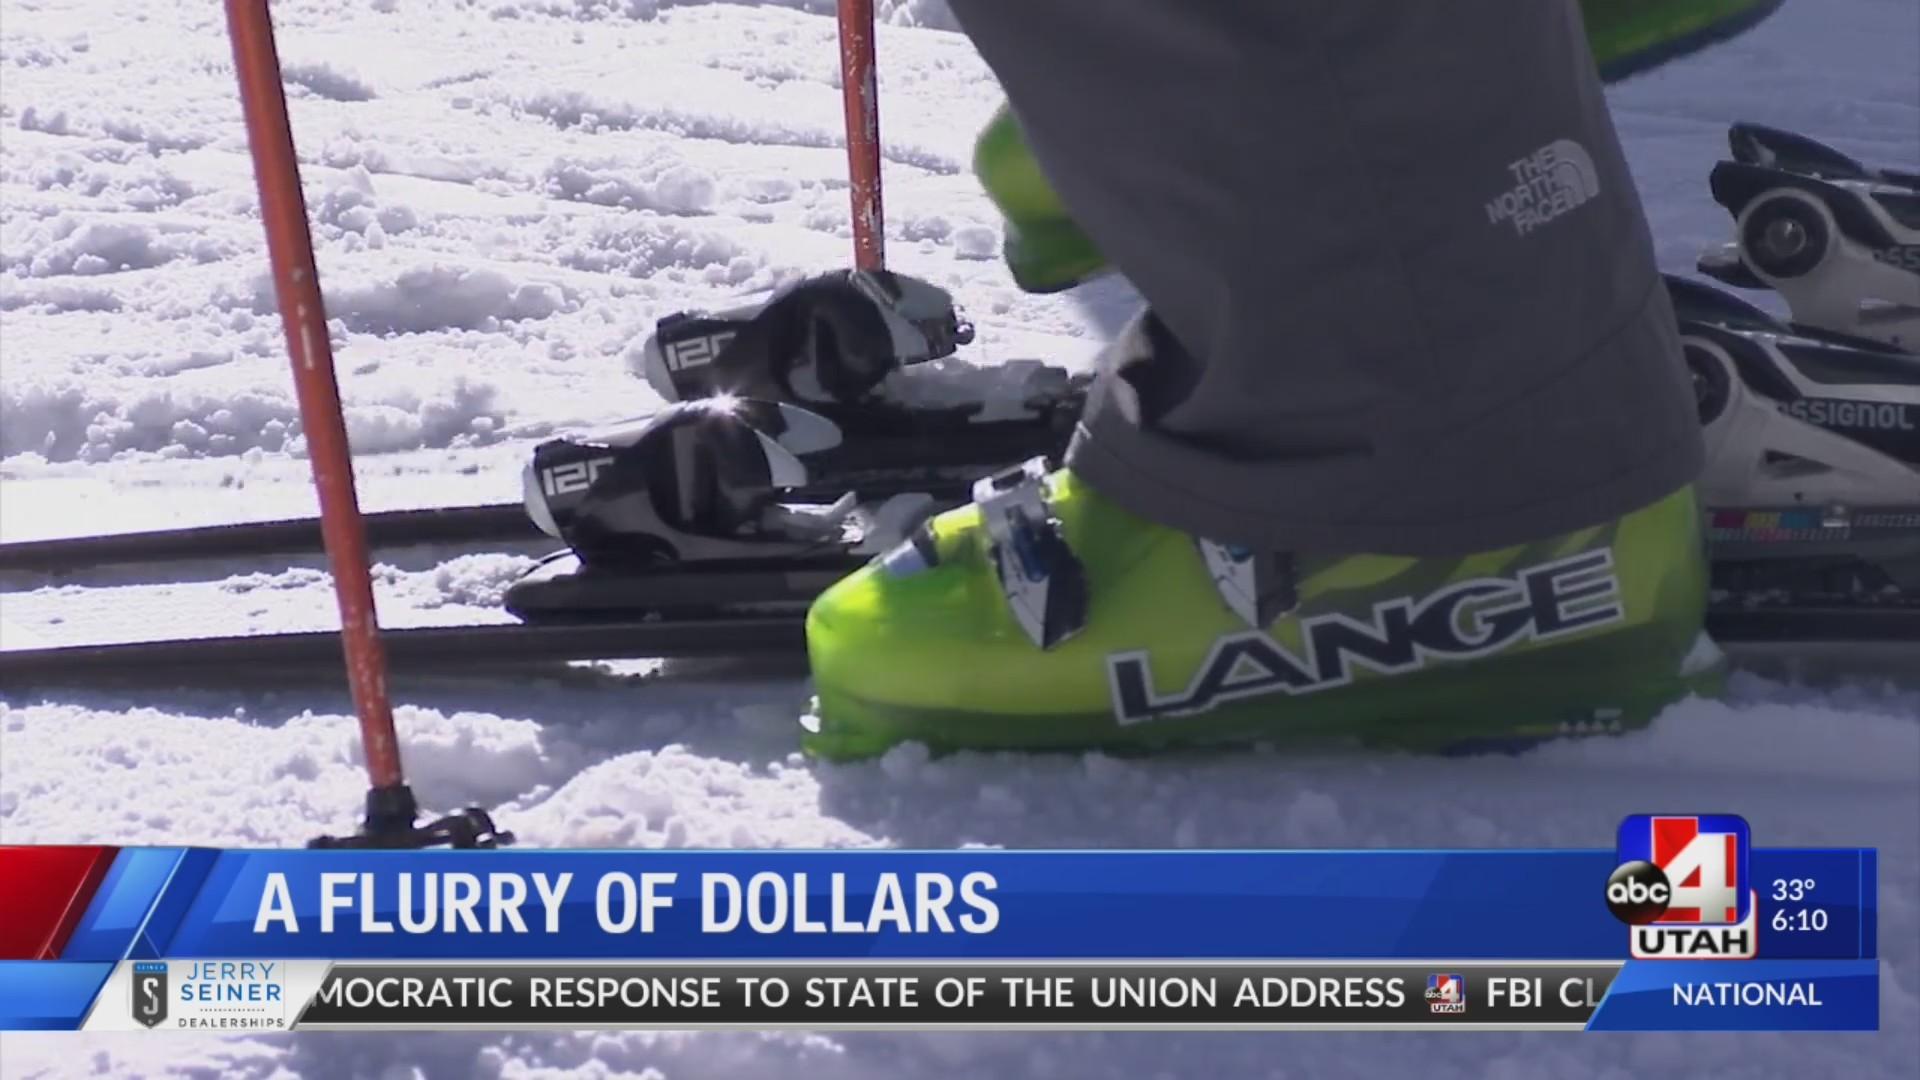 More_skiers_and_boarders_hitting_Utah_re_0_20190130014833